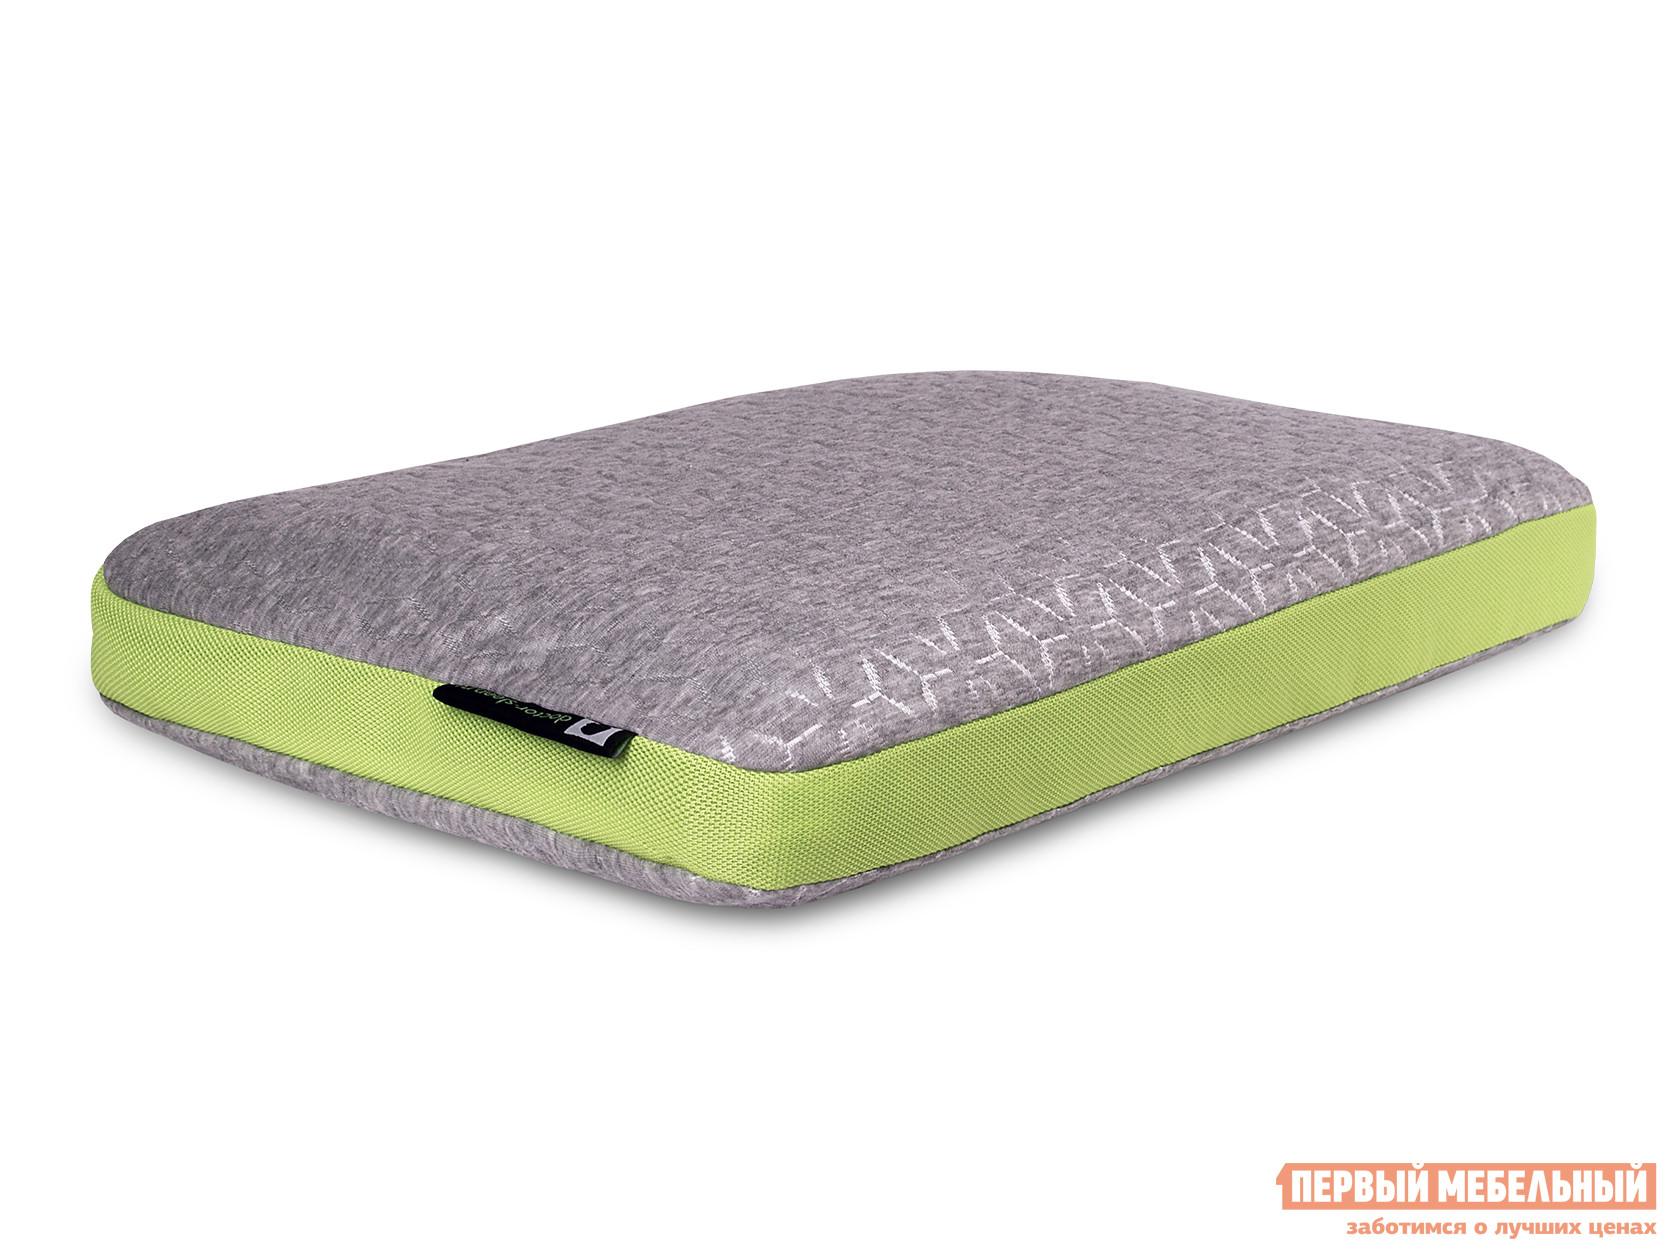 Подушка Первый Мебельный Energetic S/M/L